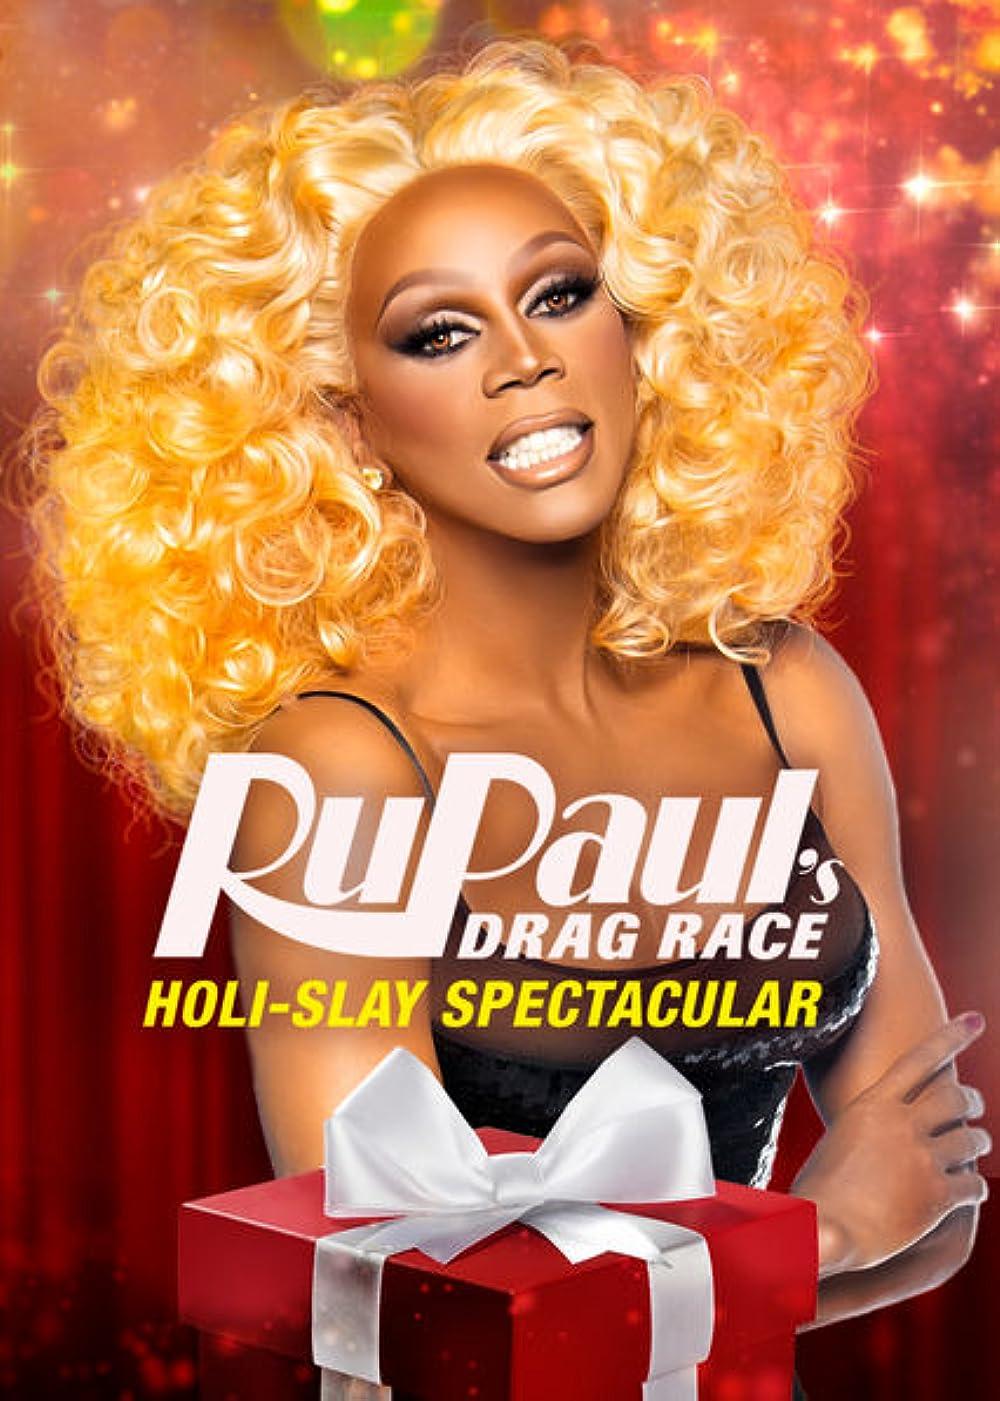 A Drag Queen Christmas 2021 Cast Rupaul S Drag Race Holi Slay Spectacular 2018 Imdb